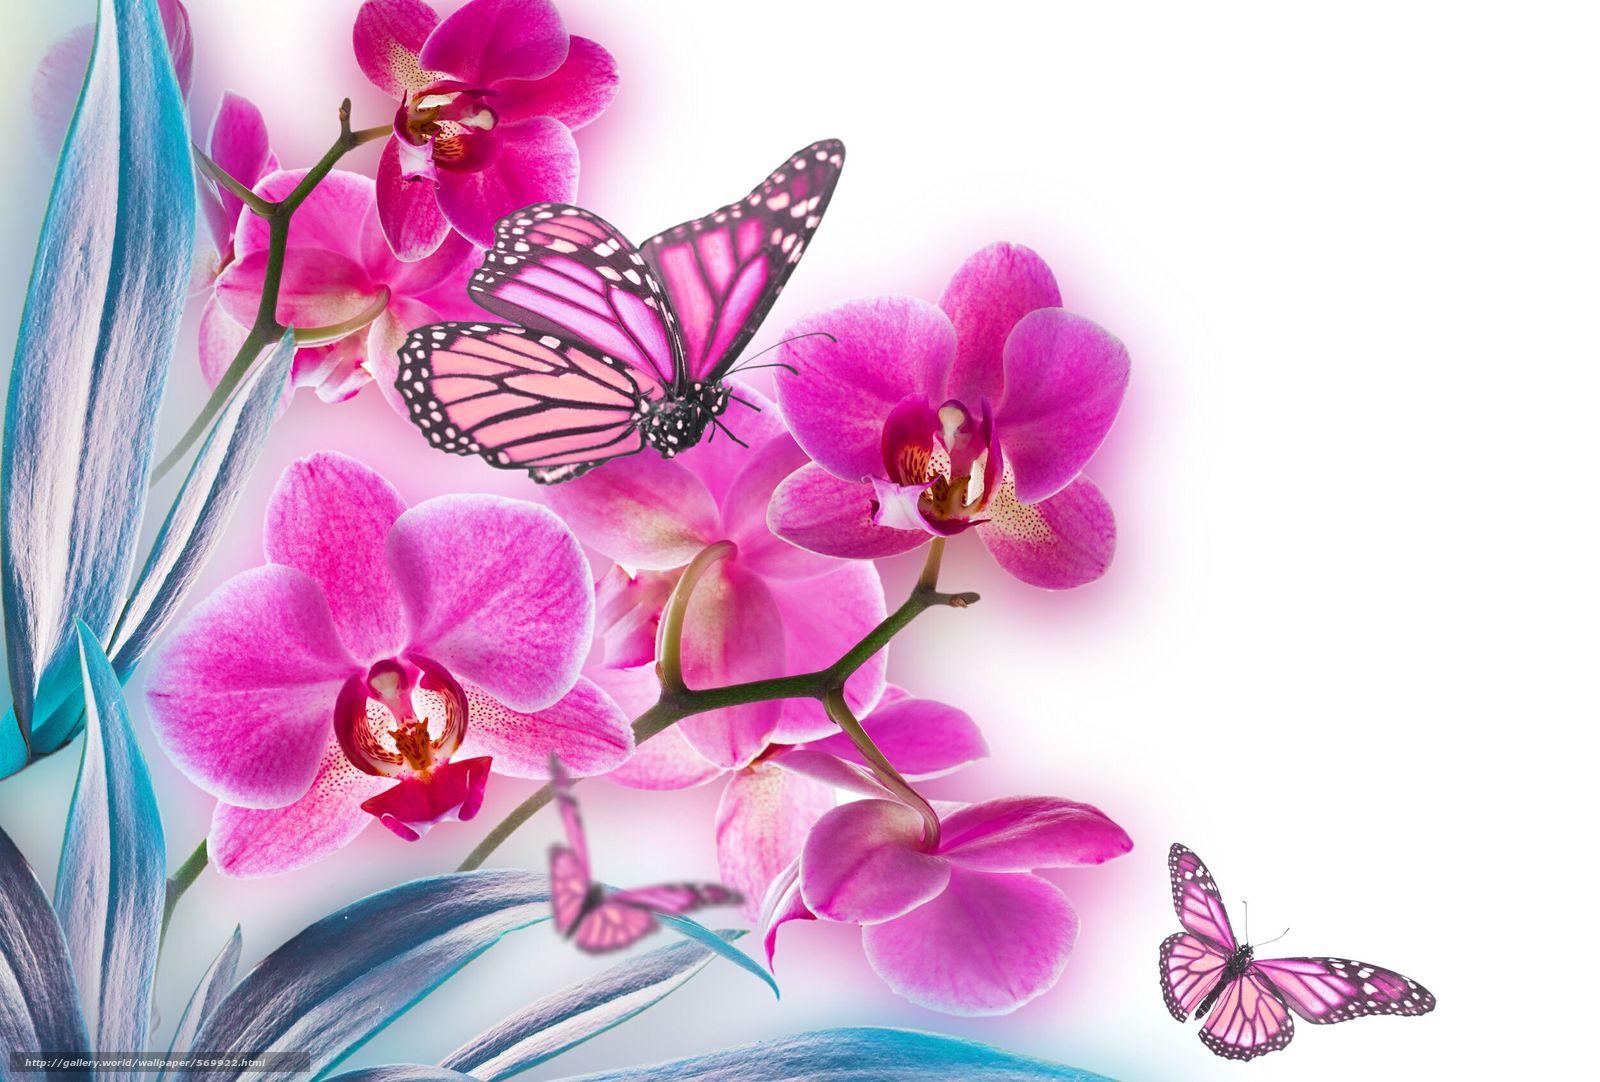 Скачать обои лист,  цветок,  природа,  орхидея бесплатно для рабочего стола в разрешении 2500x1690 — картинка №569922